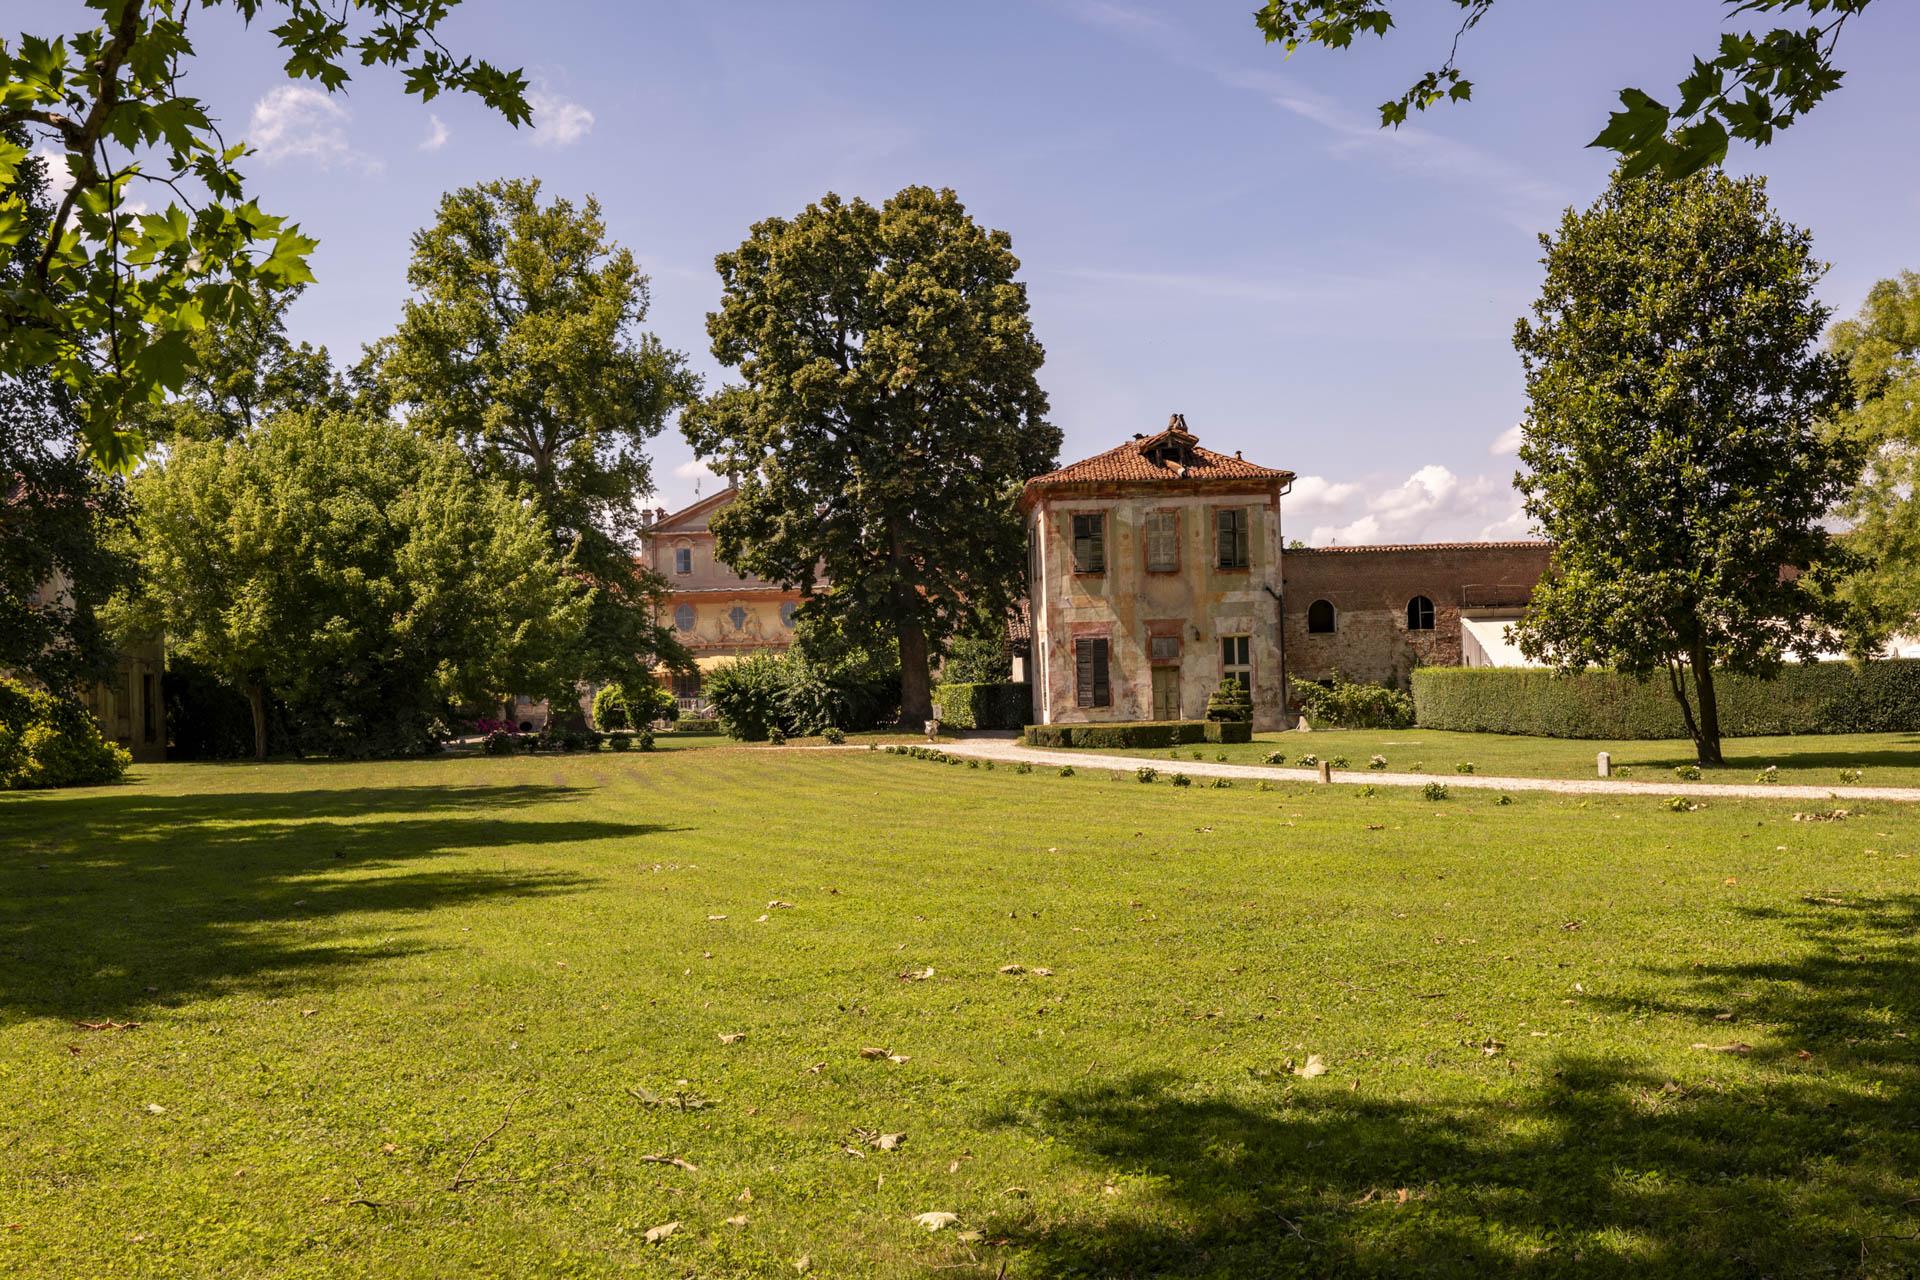 Berroni_RacconigiM1010545